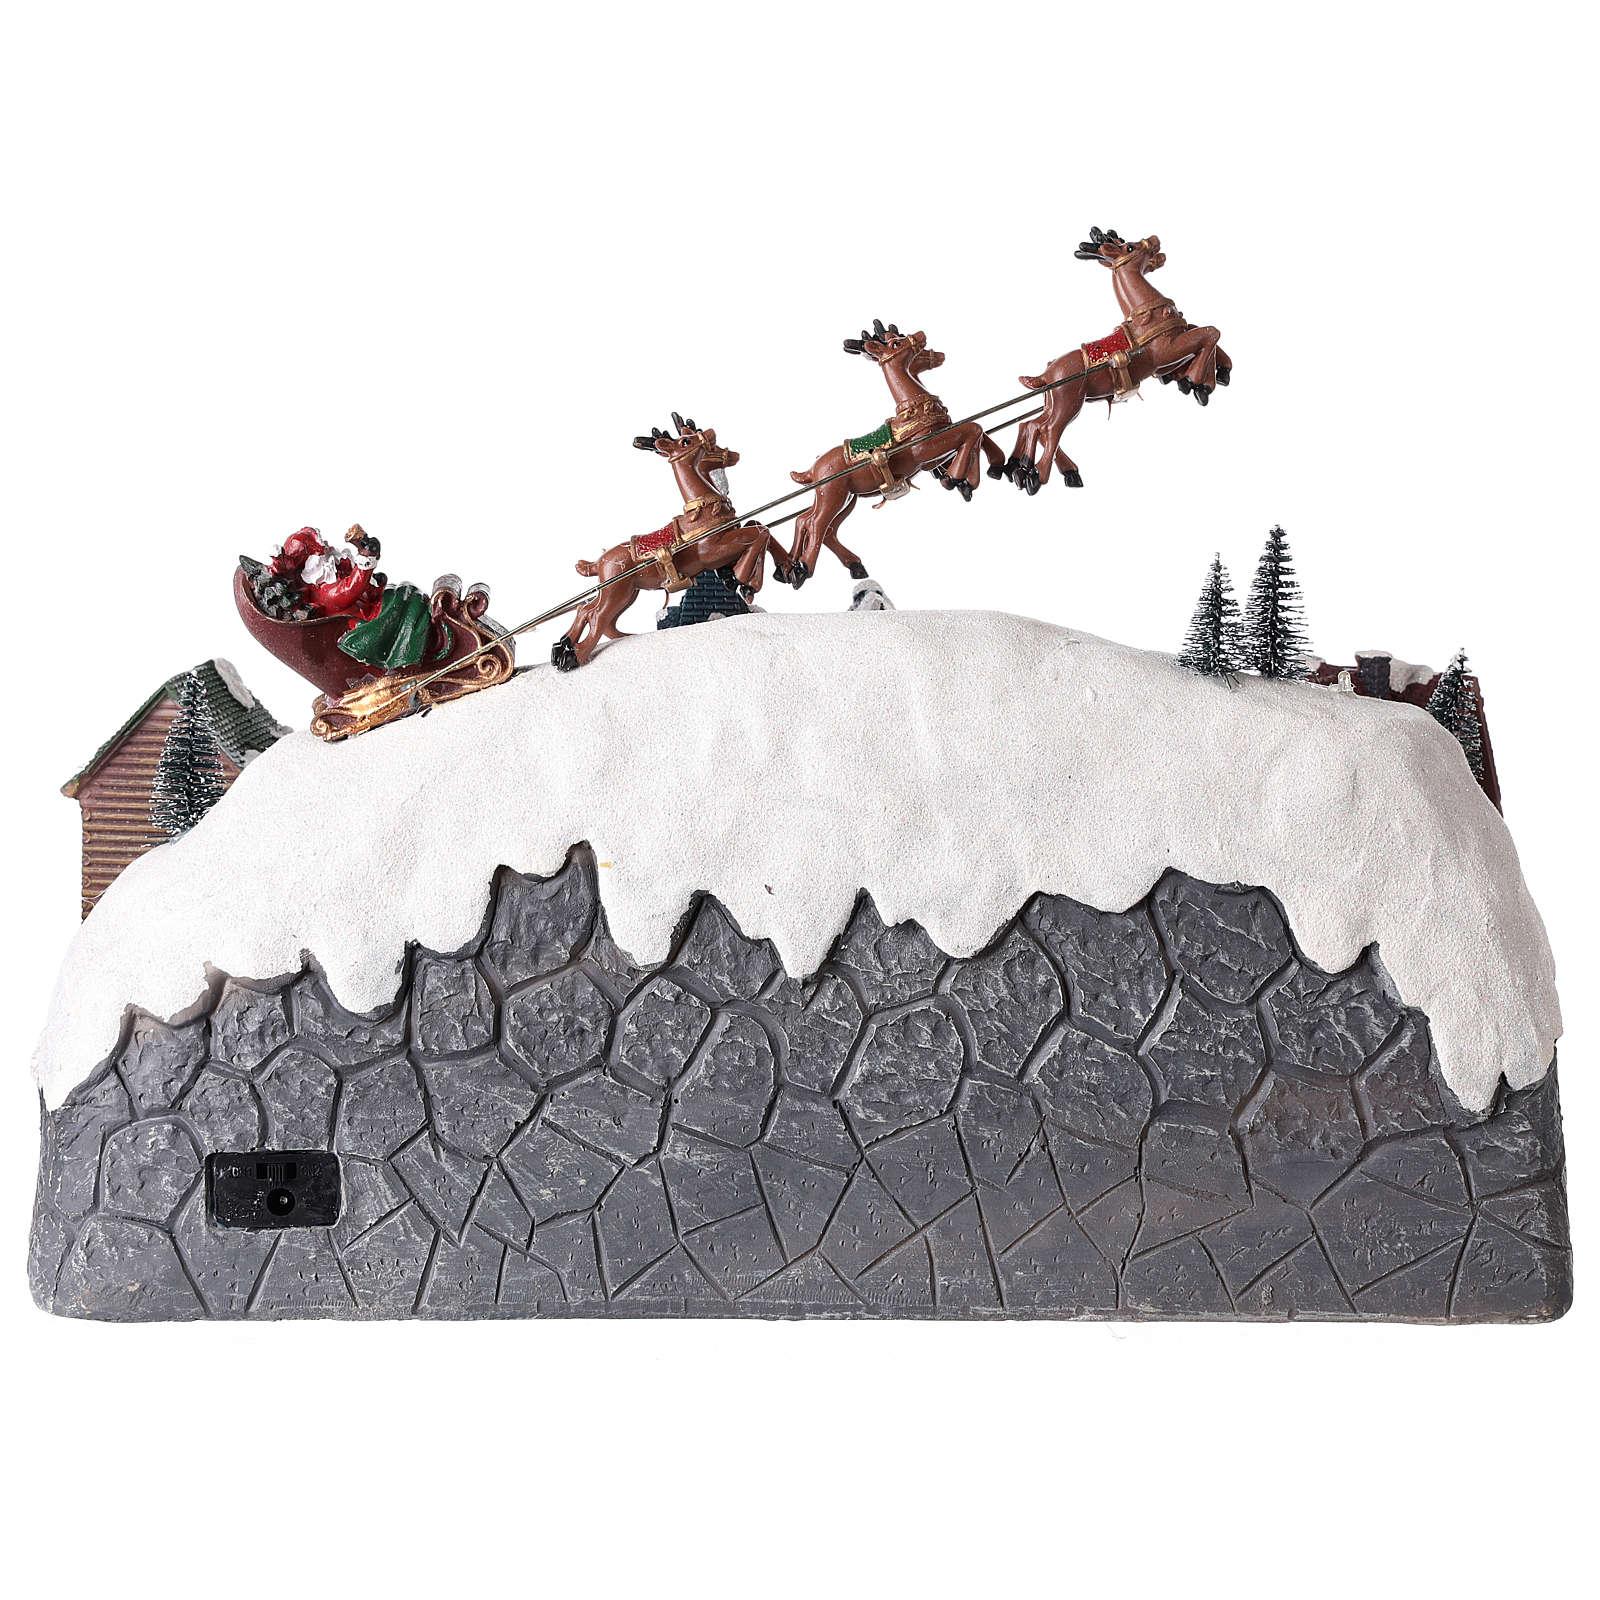 Villaggio di Natale con slitta di Babbo Natale in resina 25x40x20 cm 3